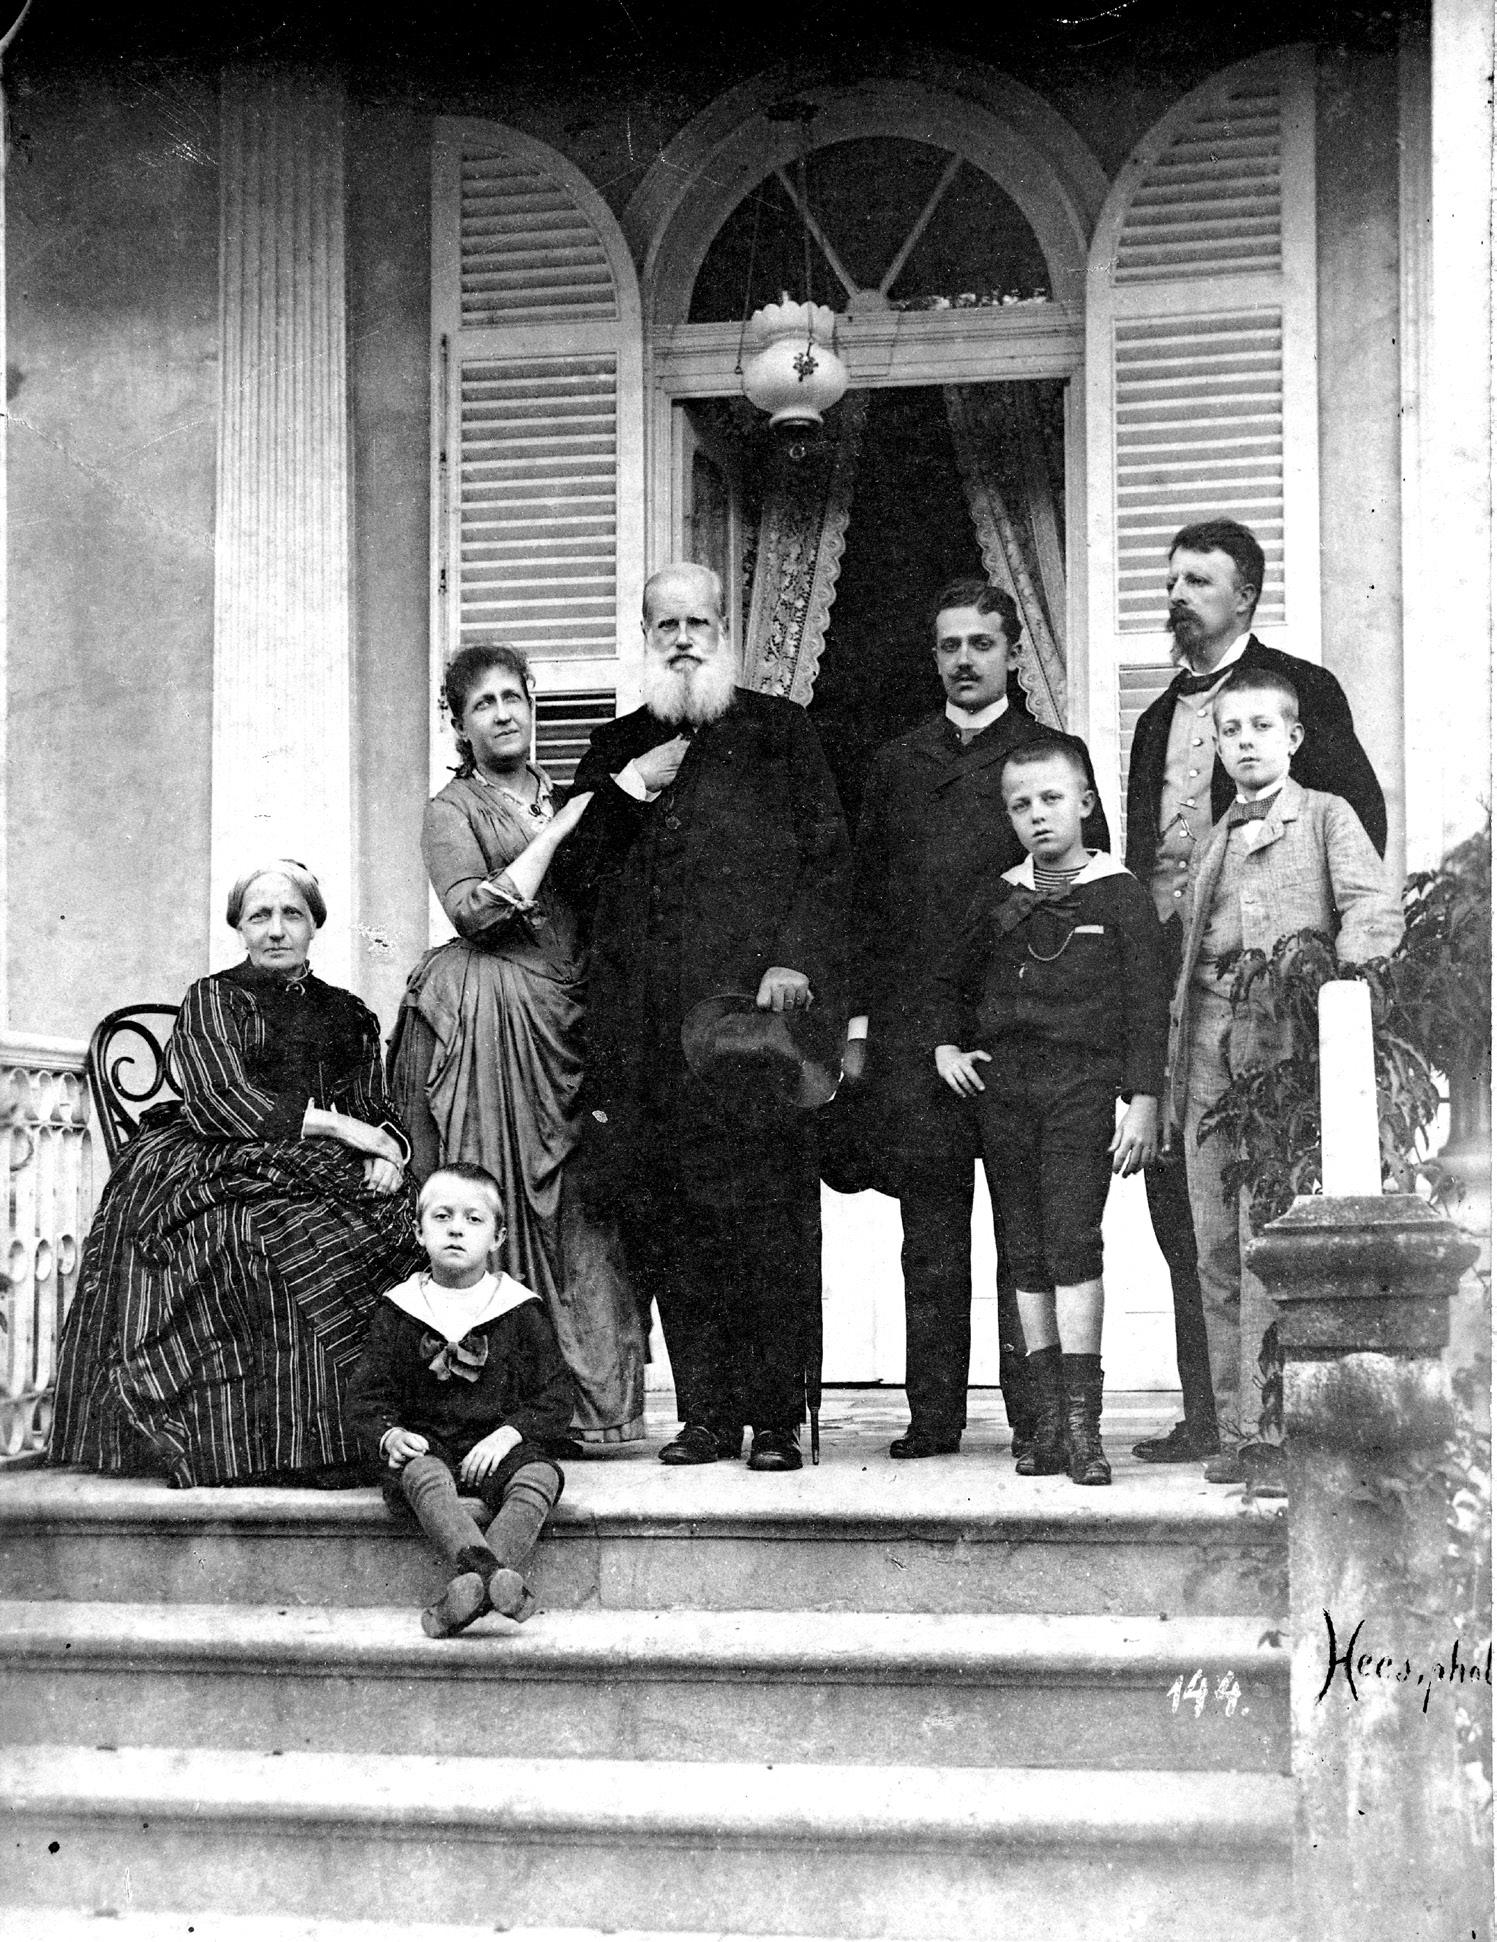 A Família Imperial na varanda da residência da princesa Isabel e do conde d'Eu, em Petrópolis, hoje Casa da Princesa. Da esquerda para a direita: d. Teresa Cristina, sentada, a princesa Isabel, de braços dados com d. Pedro II, d. Pedro Augusto e o conde d'Eu, todos em pé. Na frente, d. Luís e d. Pedro, príncipe do Grão-Pará. No degrau da escada, d. Antônio, sentado, aos pés de sua avó. Circa 1889